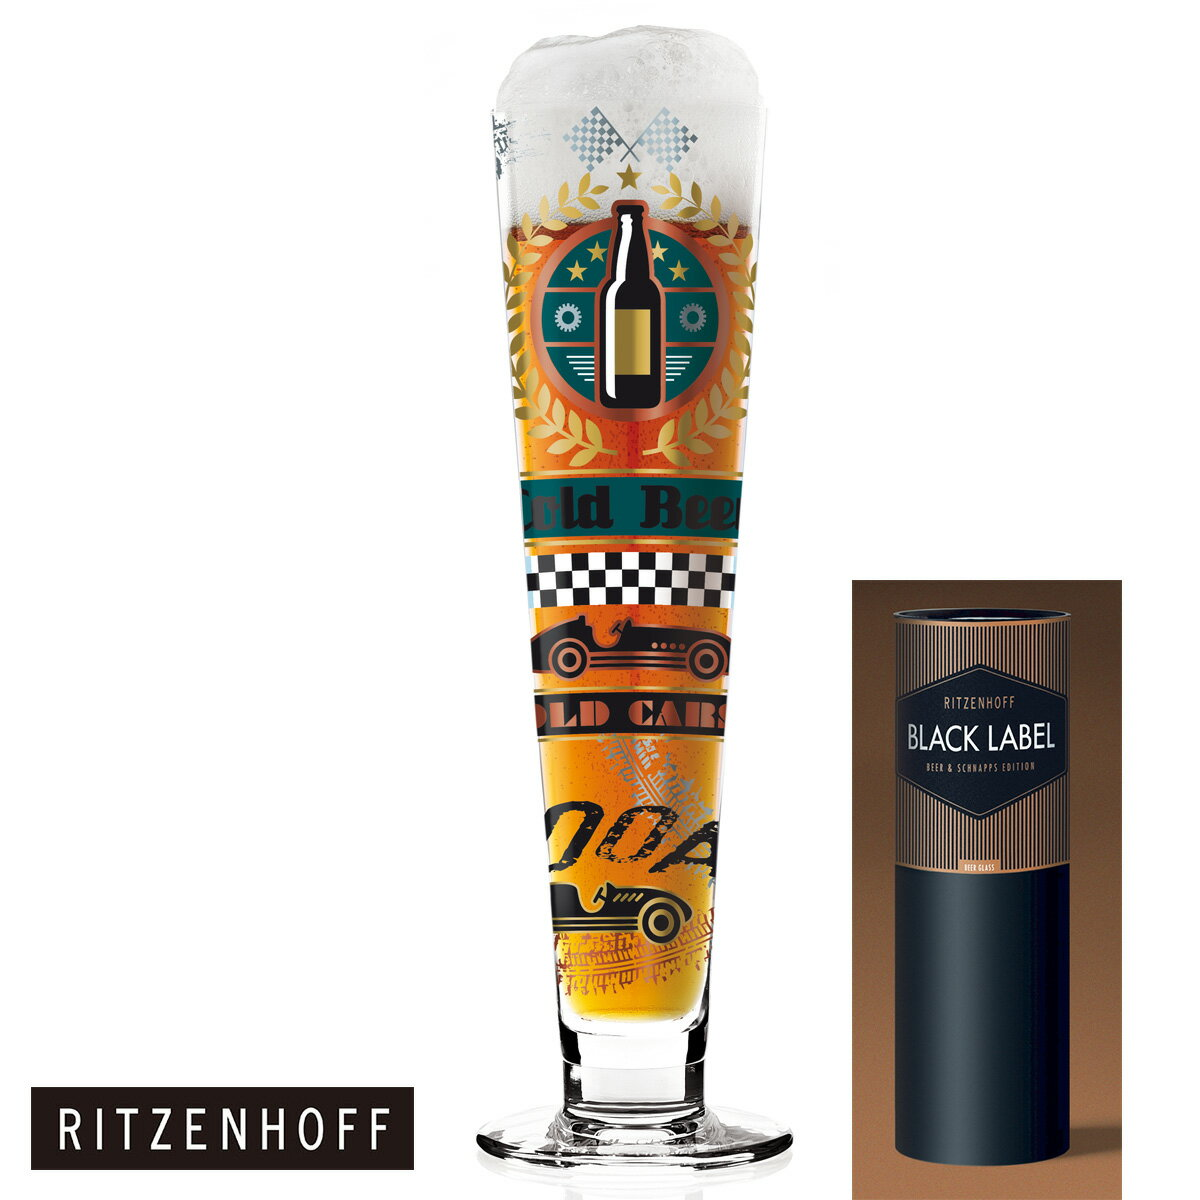 【ポイント20倍】RITZENHOFF リッツェンホフ Beer Crystal Collection ビアグラス(Thomas Marutsuchke-81010229) ビールグラス ビア グラス ビール プレゼント・贈り物・ギフト・